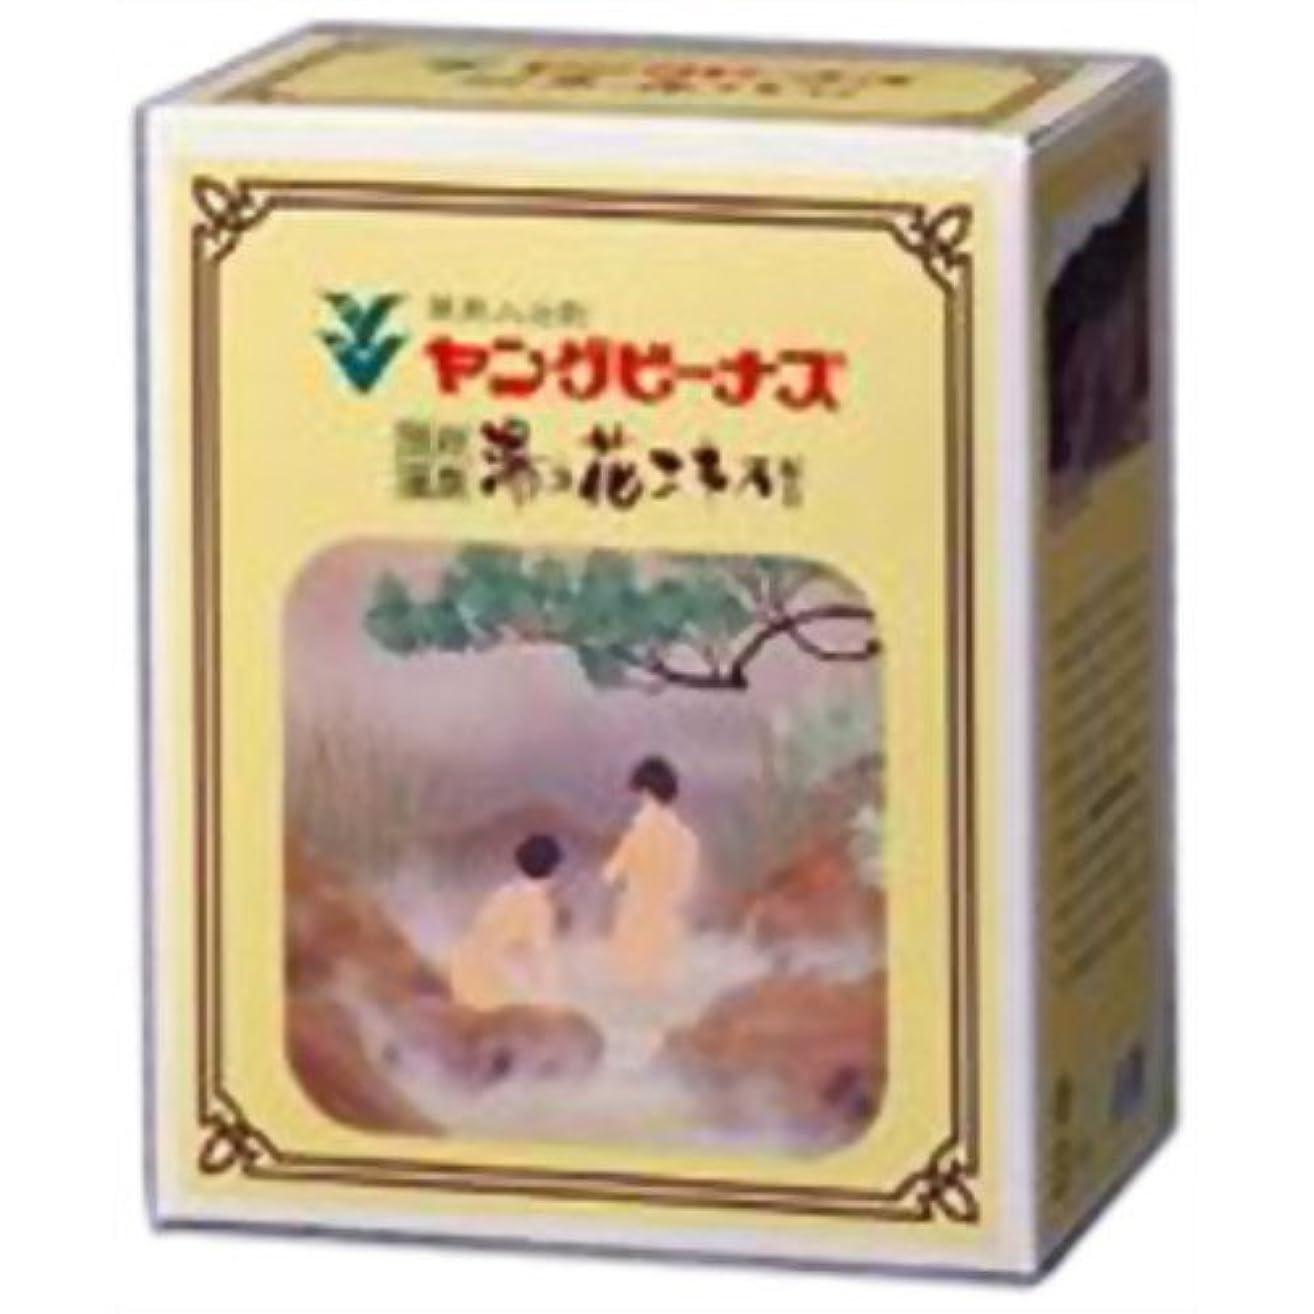 信仰慢性的慈悲ヤングビーナス 入浴剤 CX-20 1.6kg